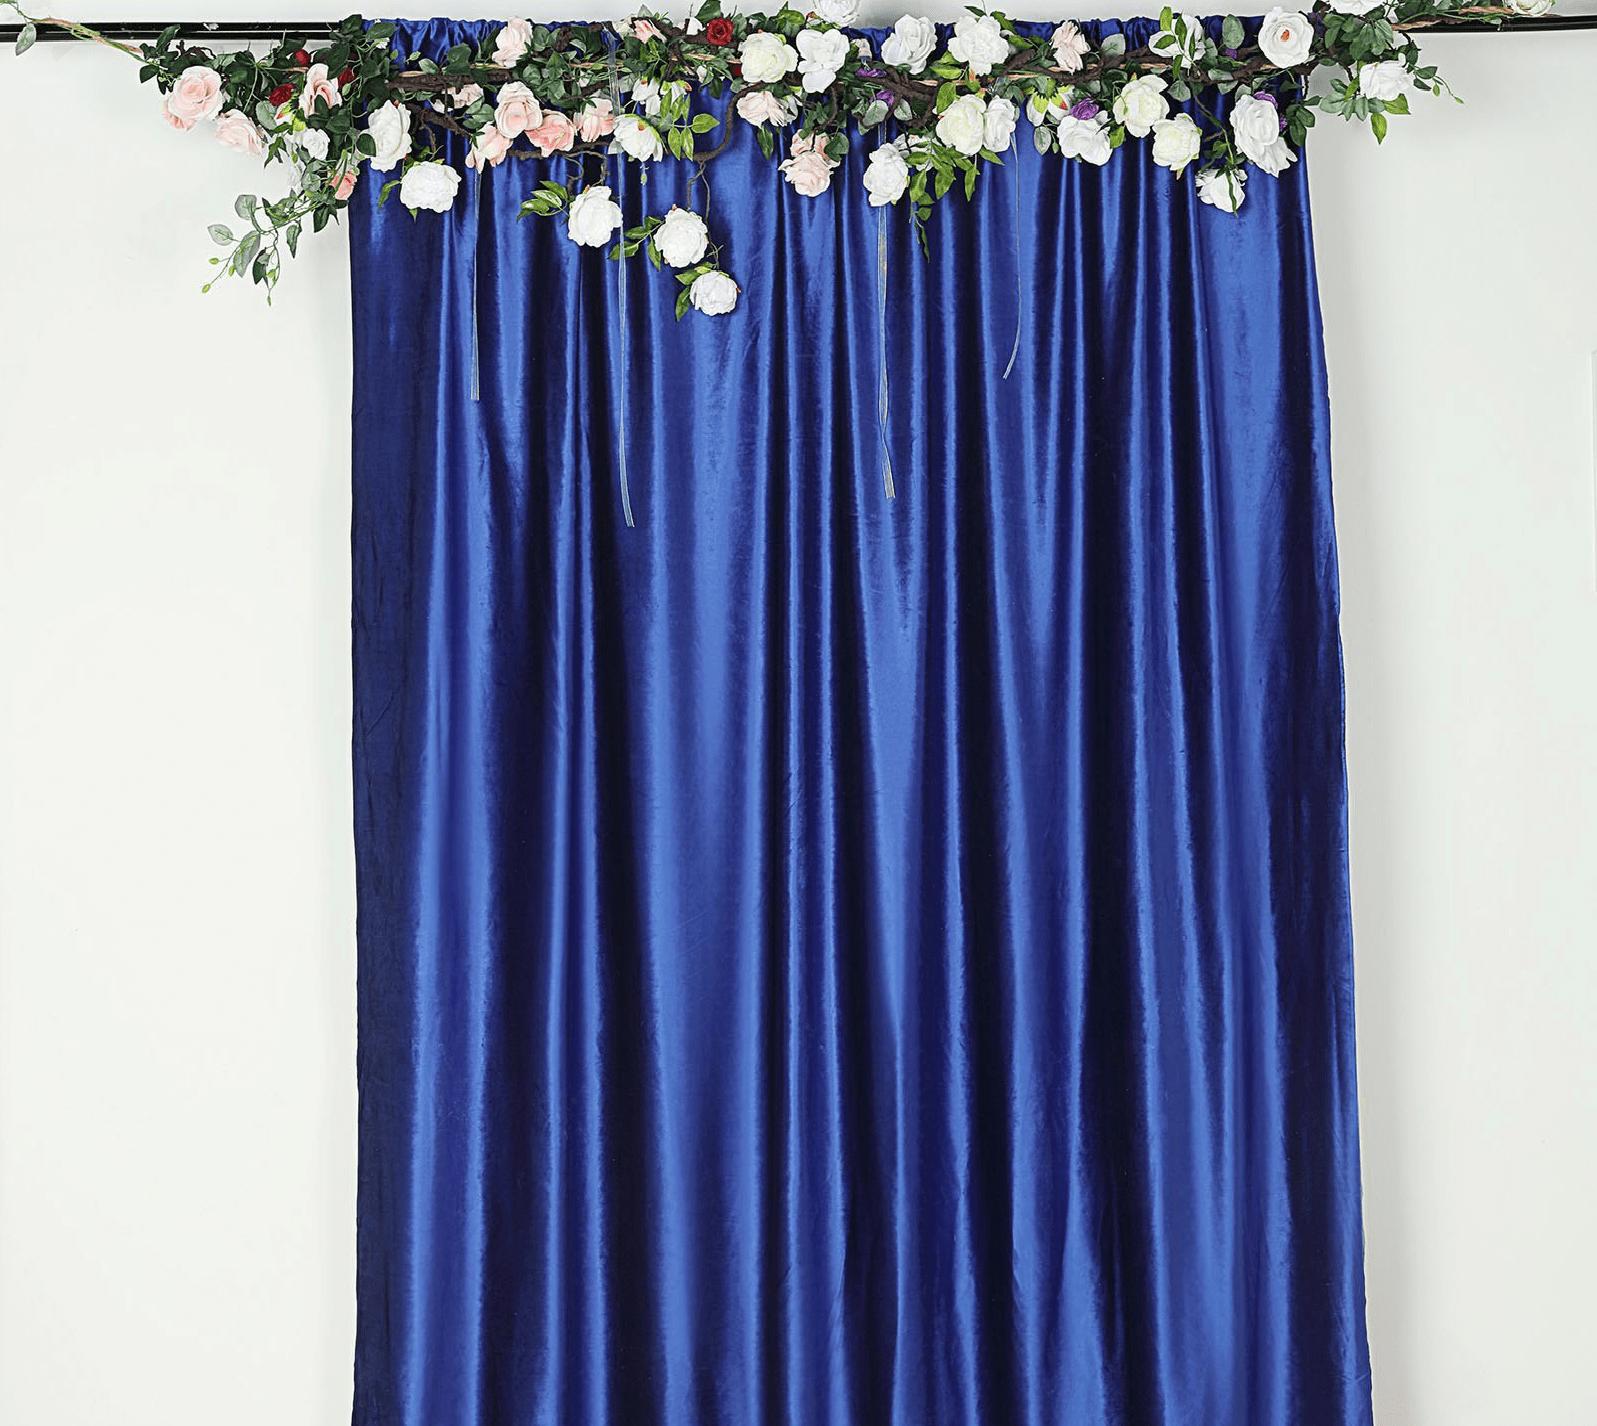 Chọn rèm màu xanh cho người mệnh Thủy